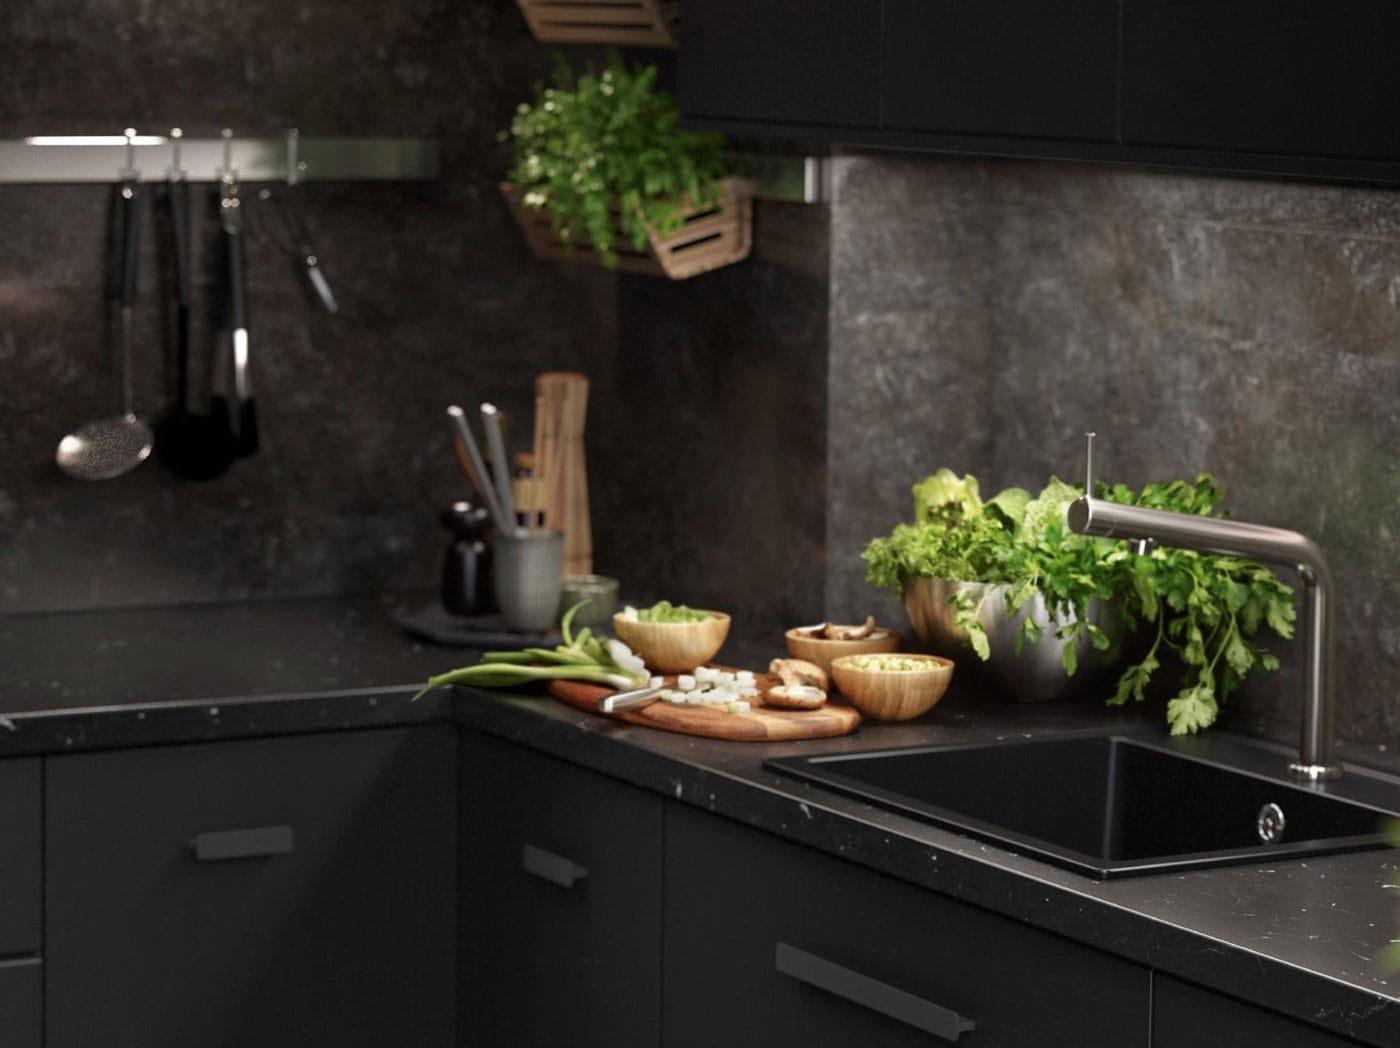 Fekete KUNGSBACKA konyha, márvány hatású jellemzőkkel, konyhai eszközökkel és friss fűszernövényekkel.